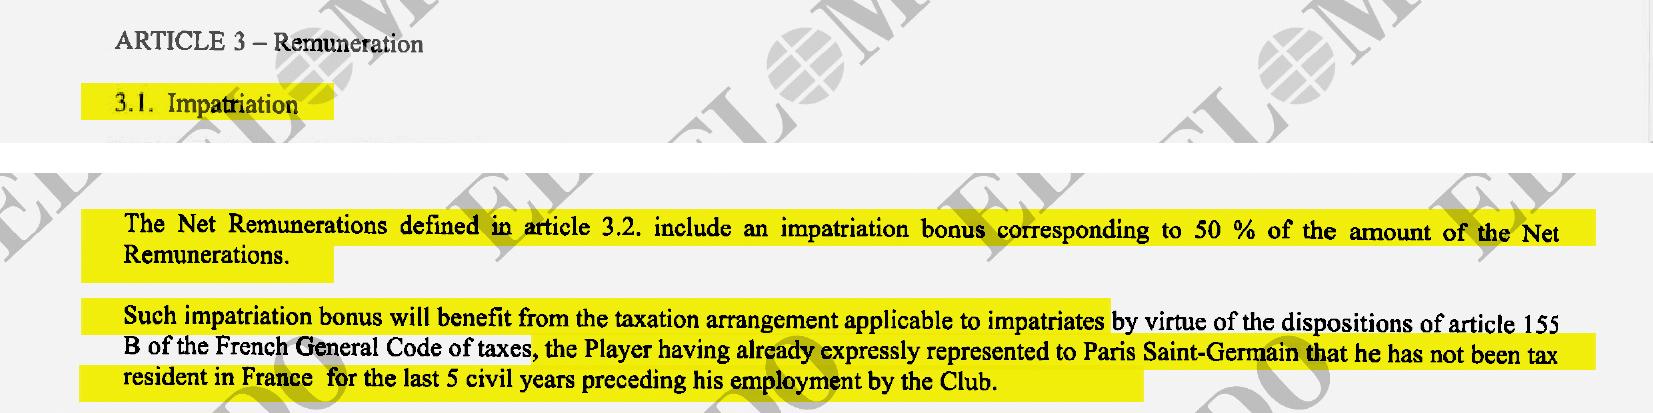 El contrato recoge los beneficios fiscales por su condición de impatriado.